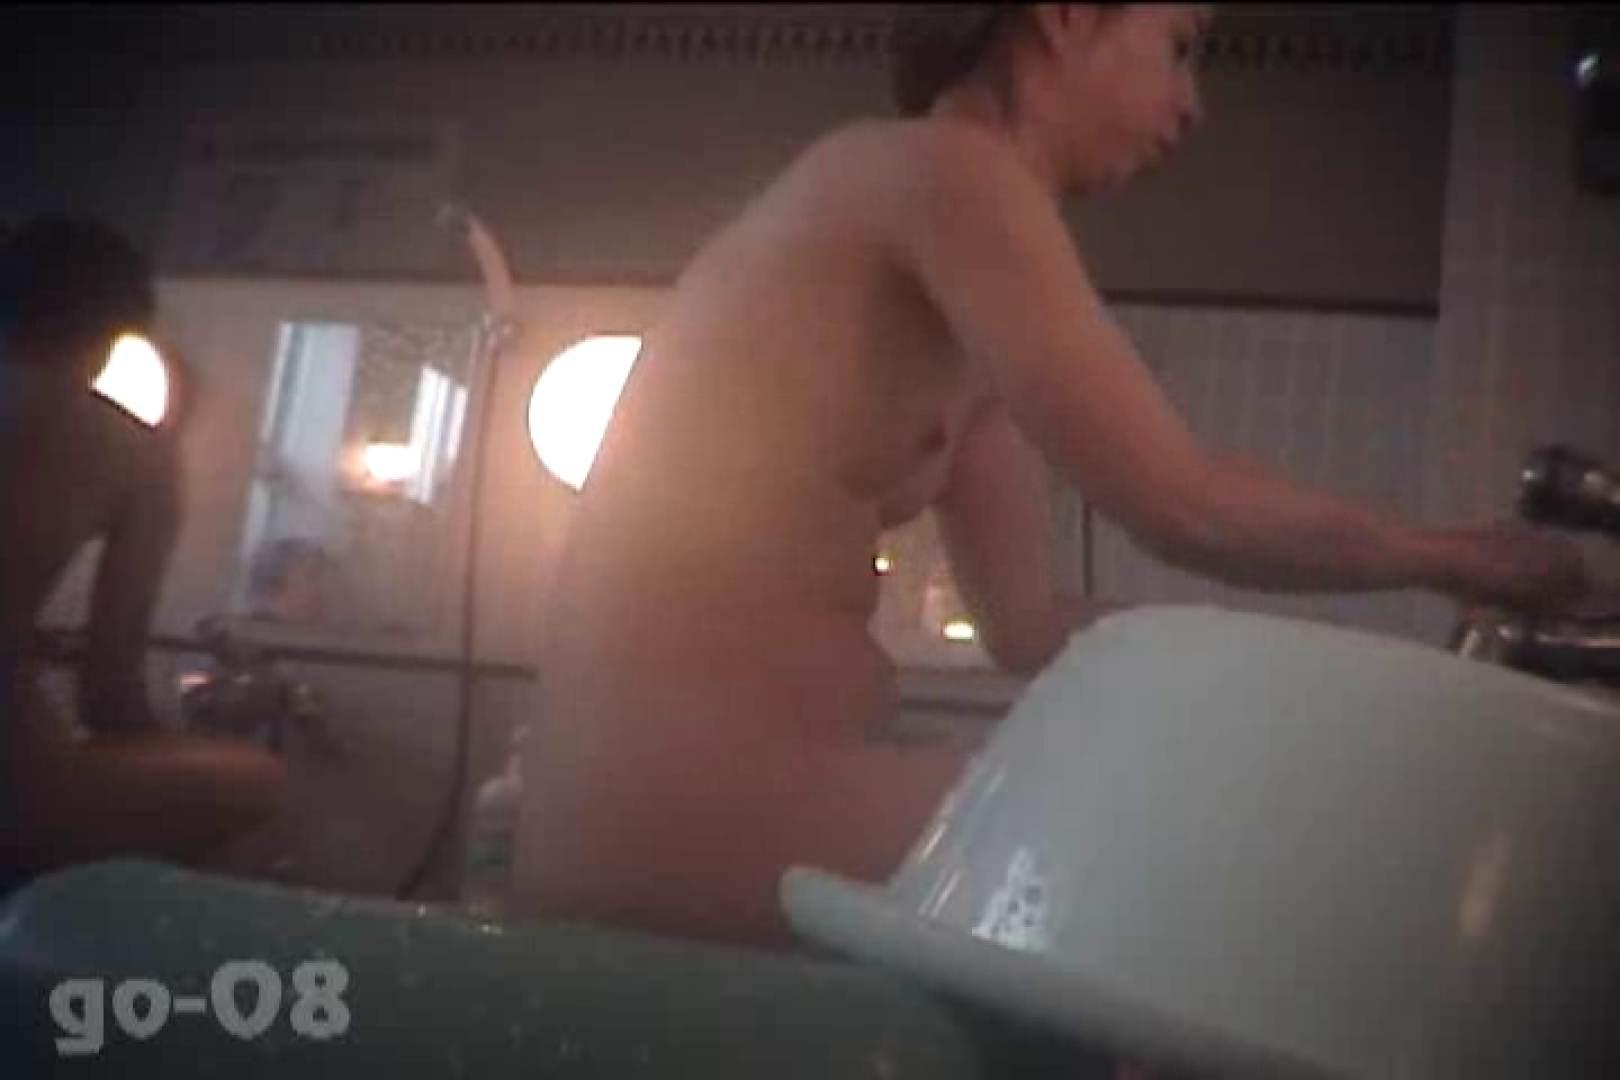 電波カメラ設置浴場からの防HAN映像 Vol.08 盗撮  101PIX 25